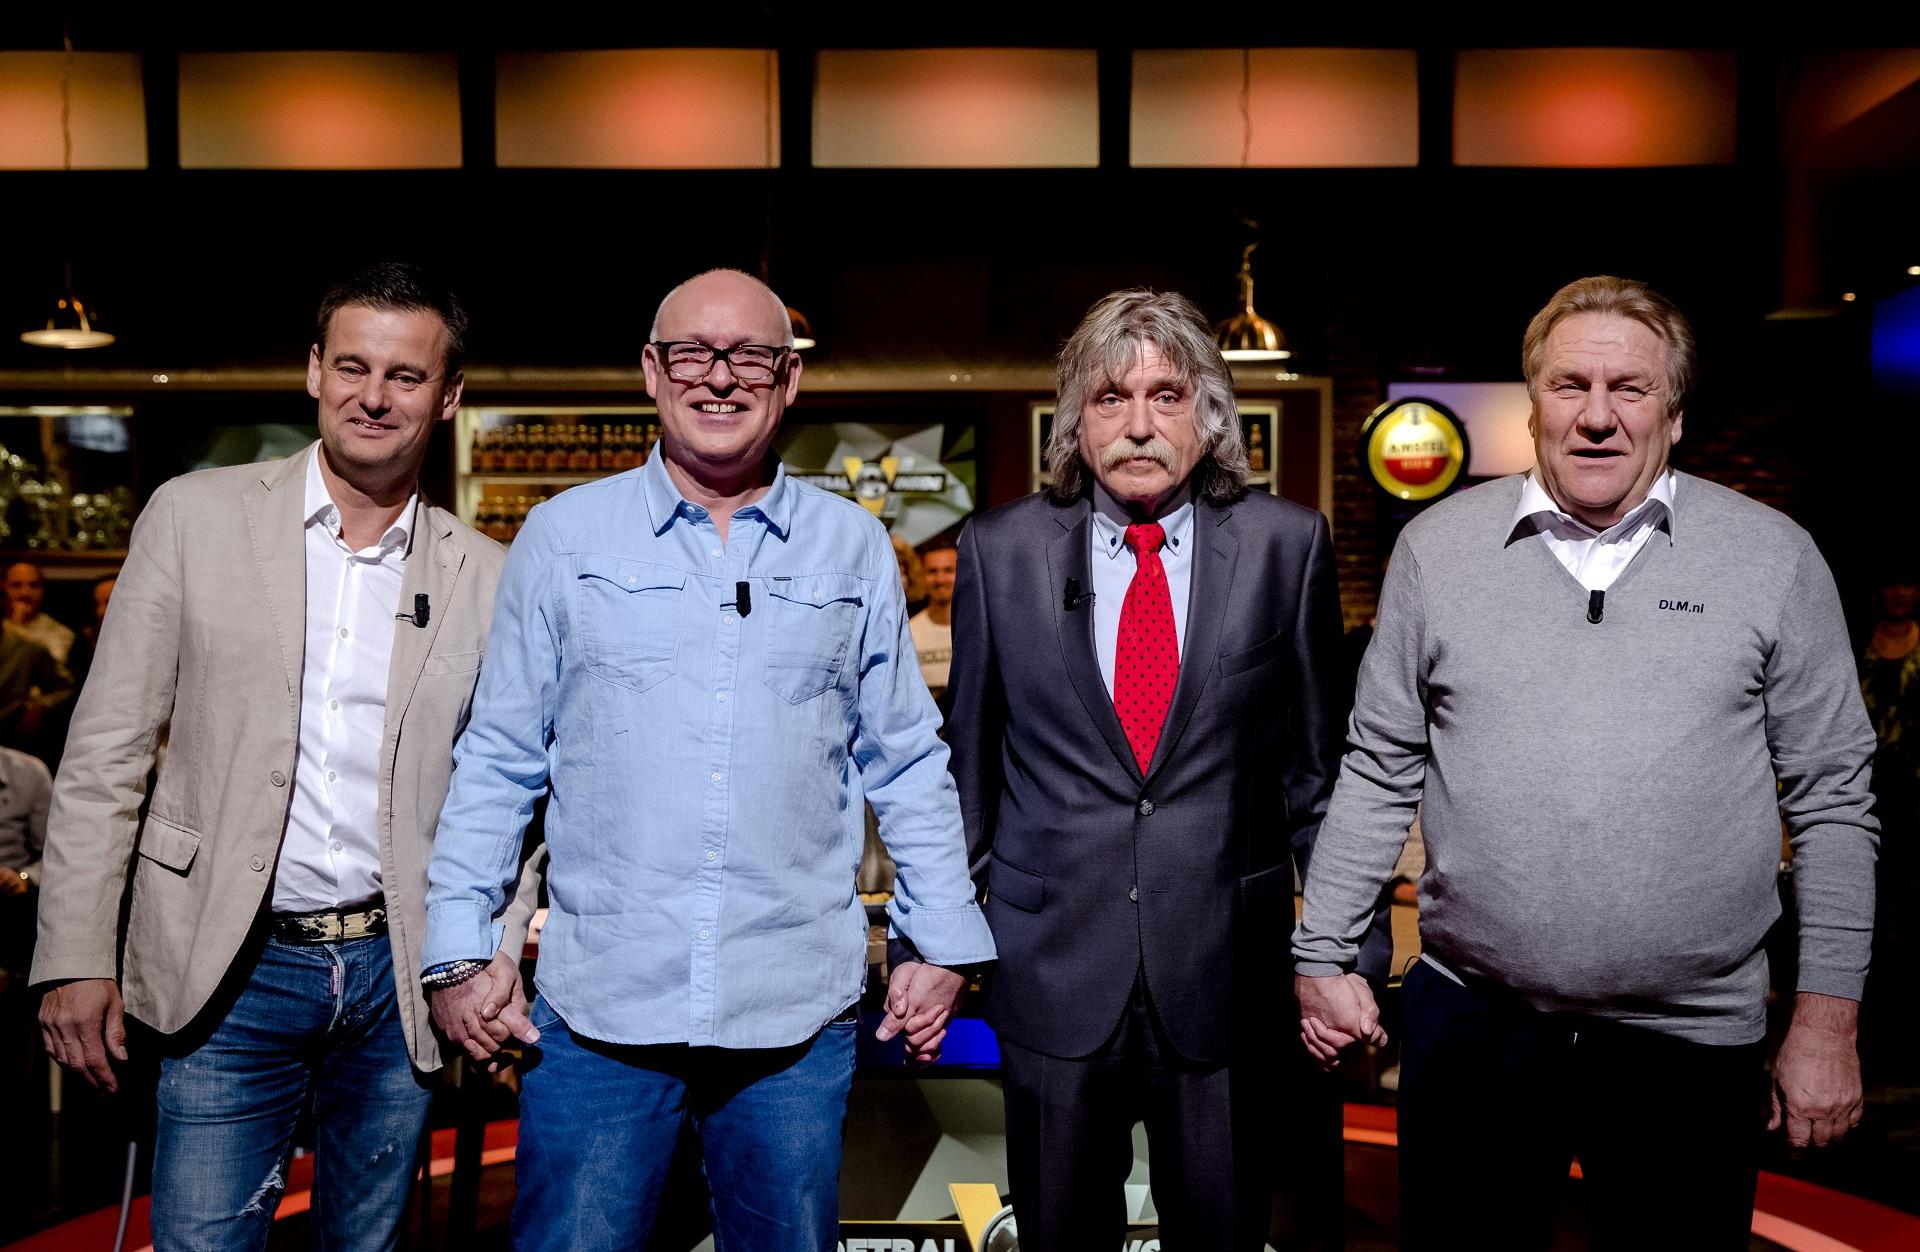 Voetbal_Inside_tegen_homogeweld_ANP_Sander_Koning.jpg